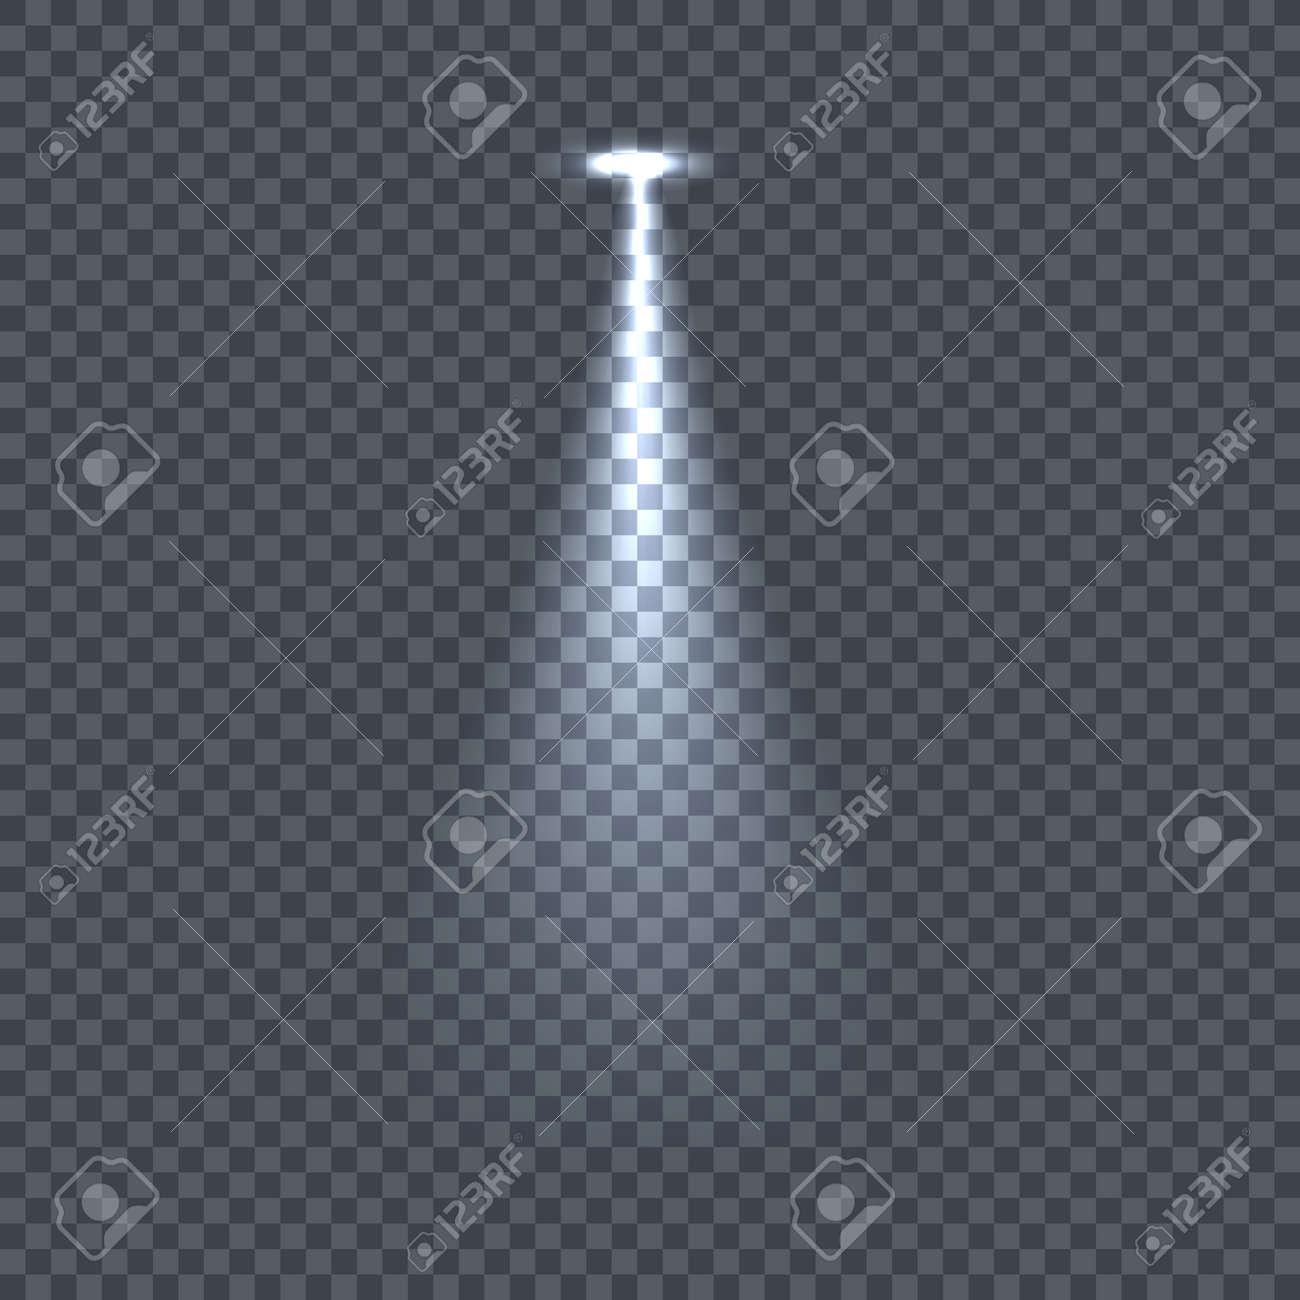 iluminacin con efectos de luz brillante en el fondo de la tela escocesa iluminacin